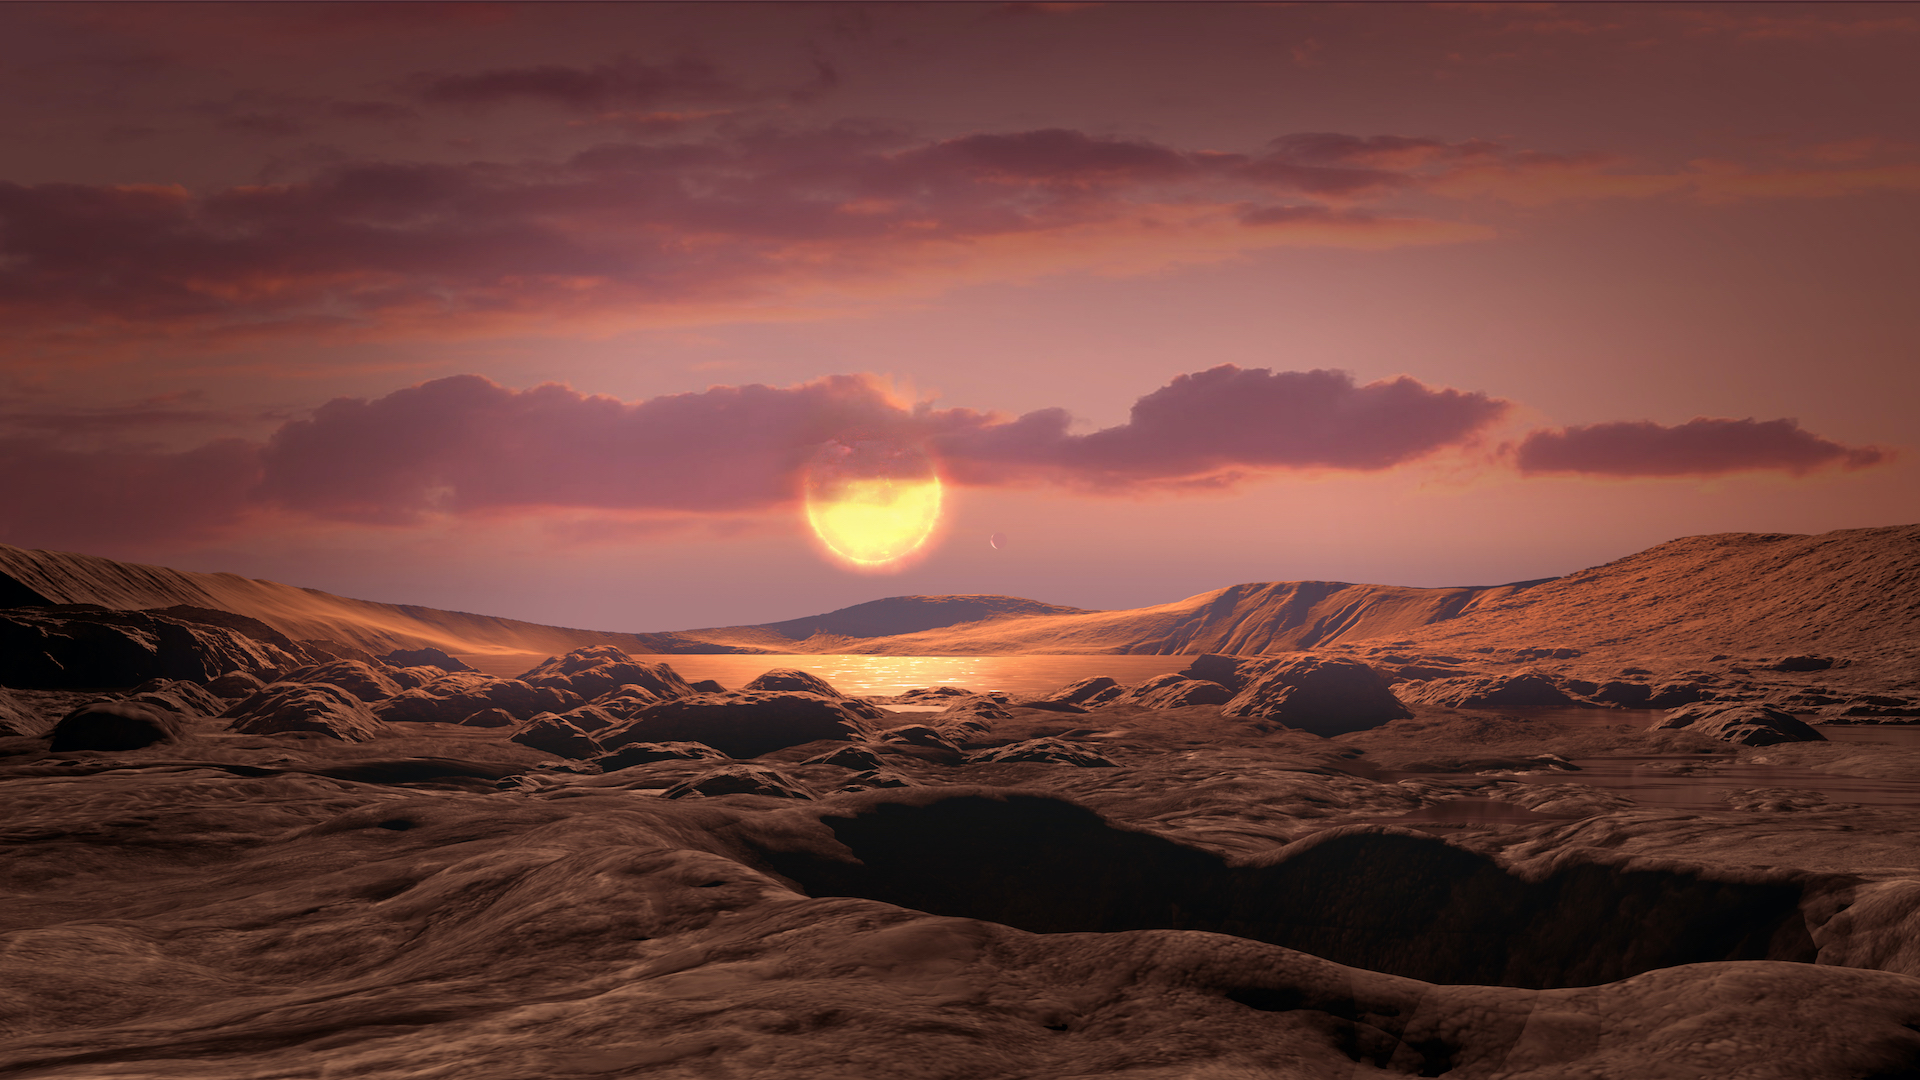 Encontraron un nuevo exoplaneta del tamaño de la Tierra: Kepler-1649c